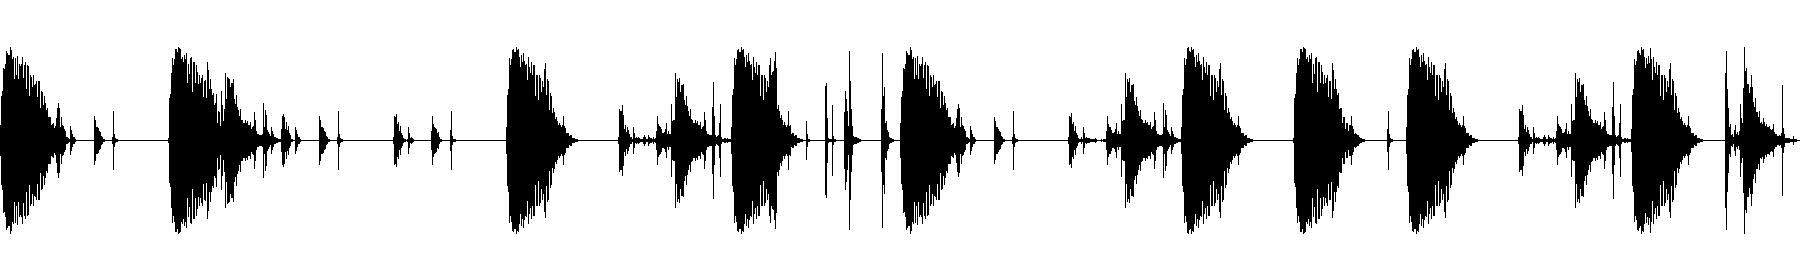 Breakbeat Drum Loop Sample Focus